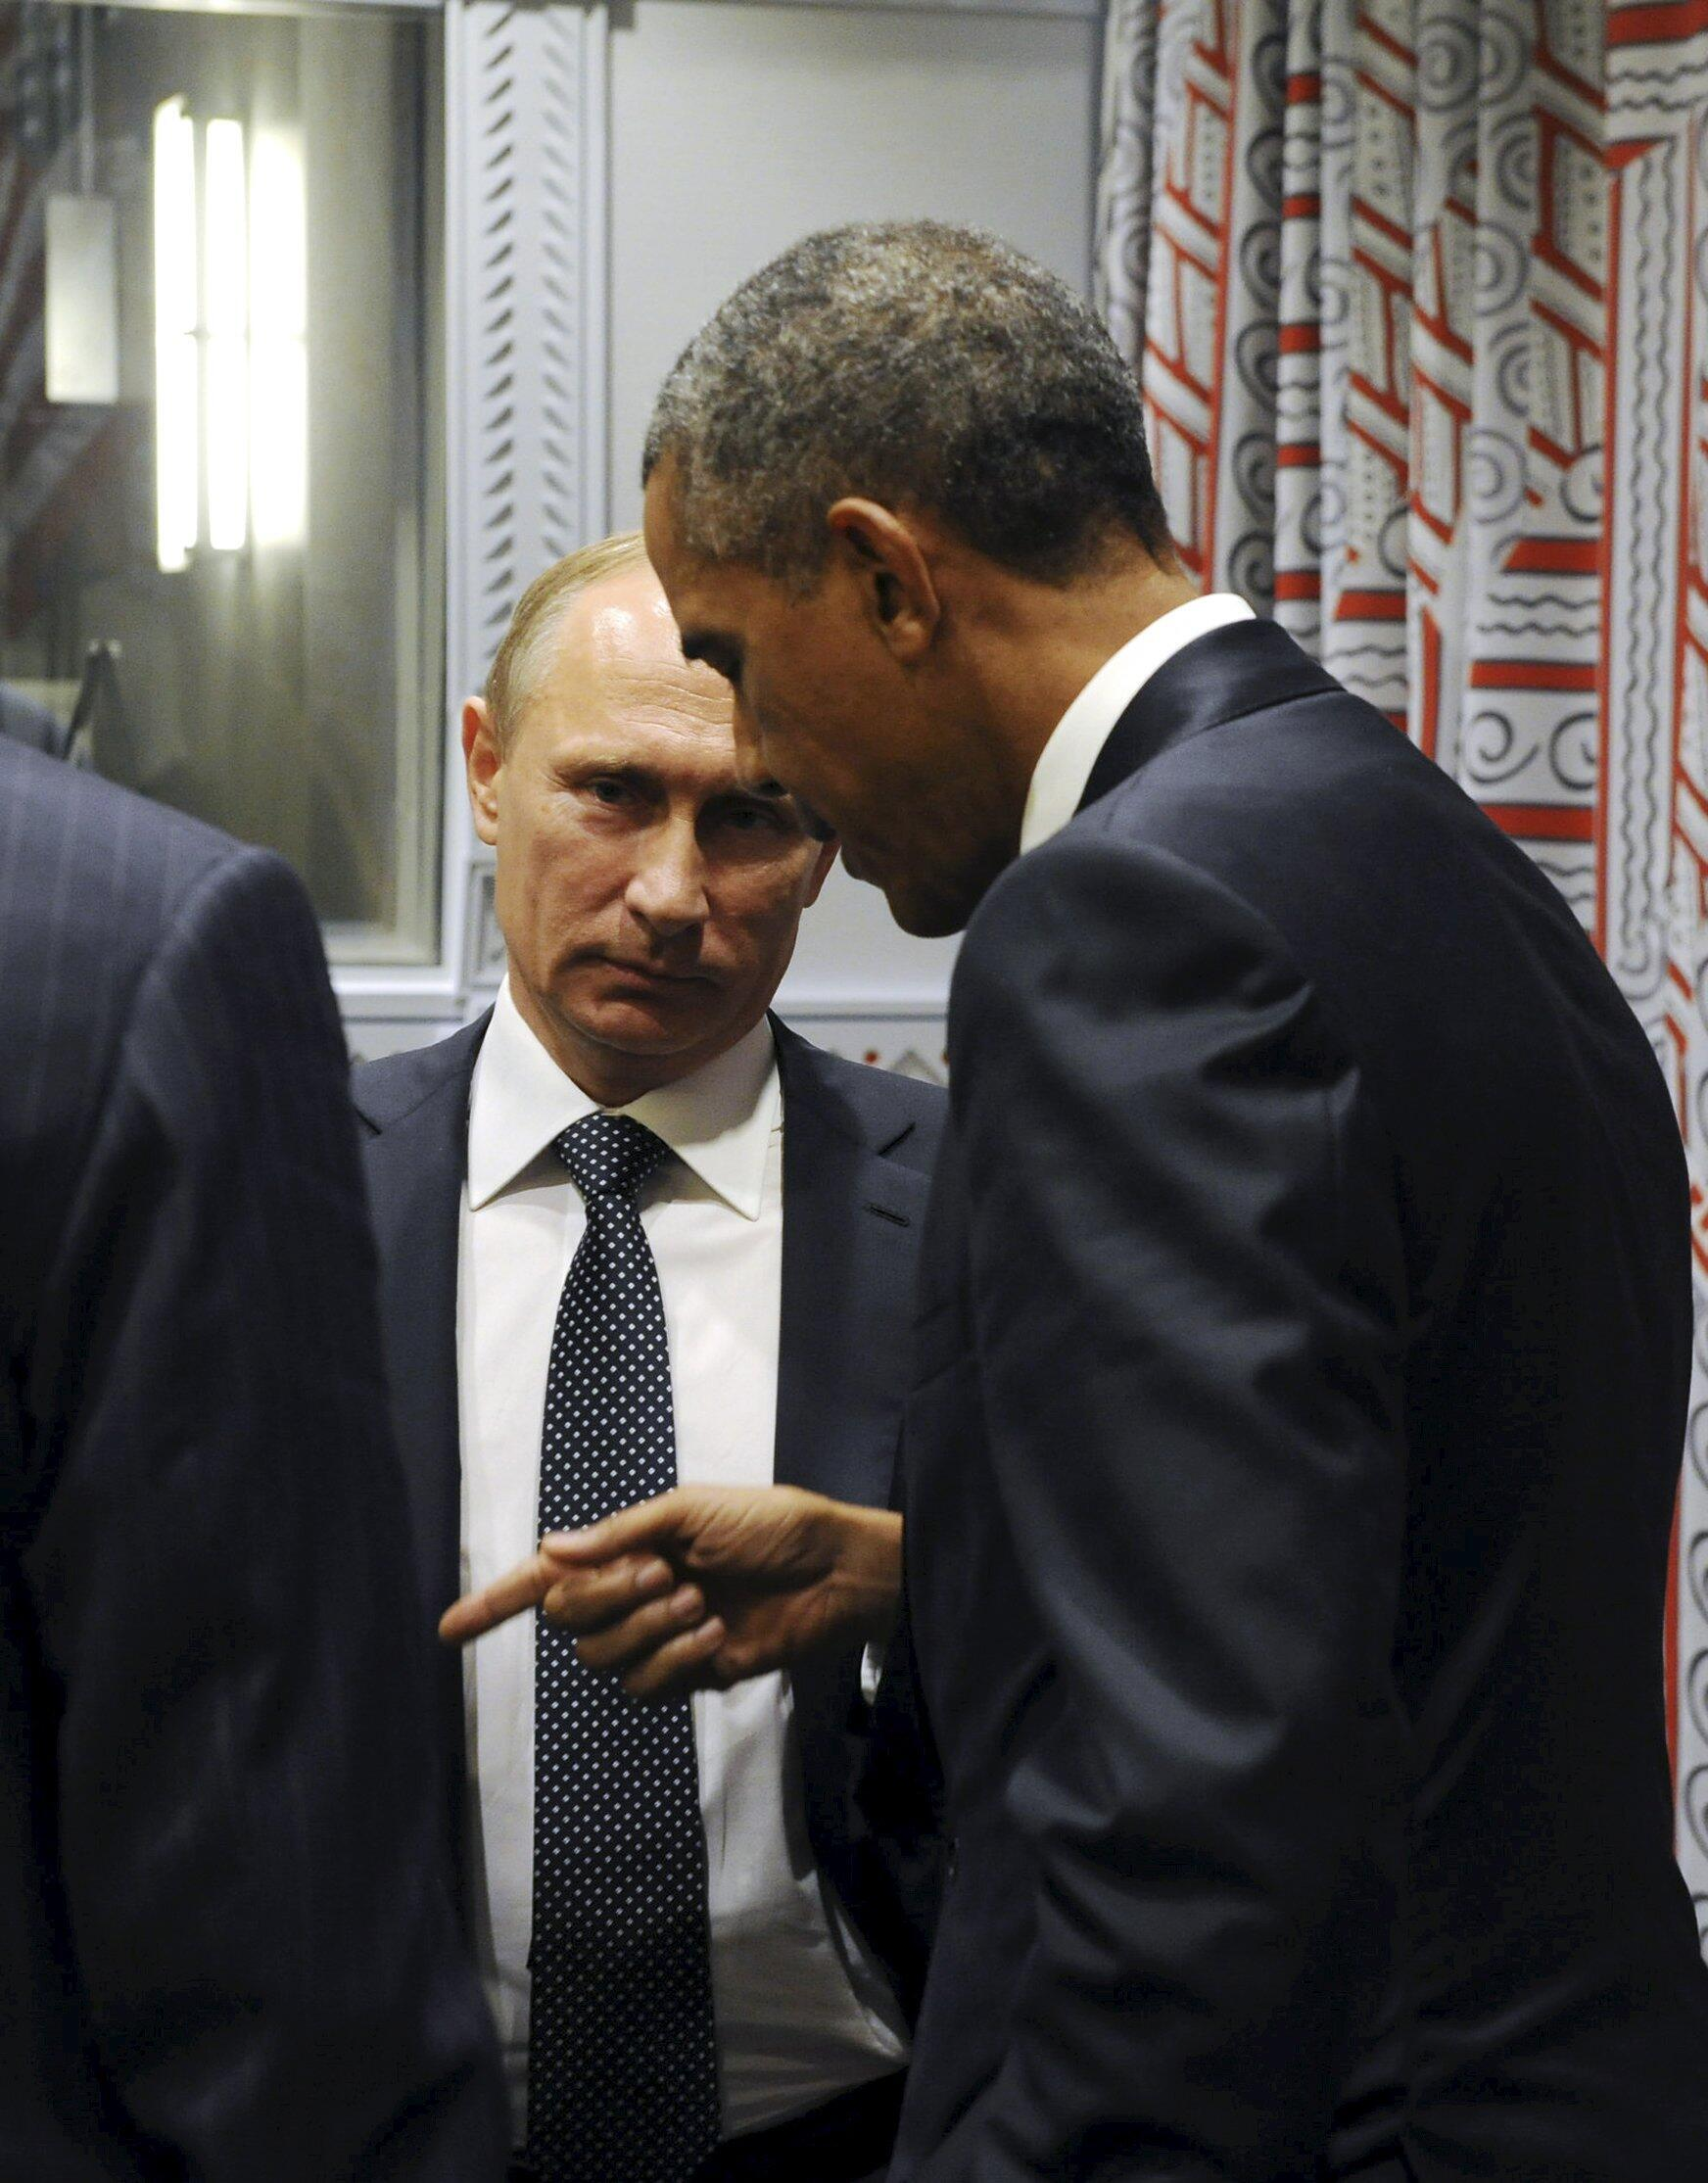 Владимир Путин и Барак Обама во время встречи на полях Генеральной ассамблеи ООН, 28 сентября 2015.